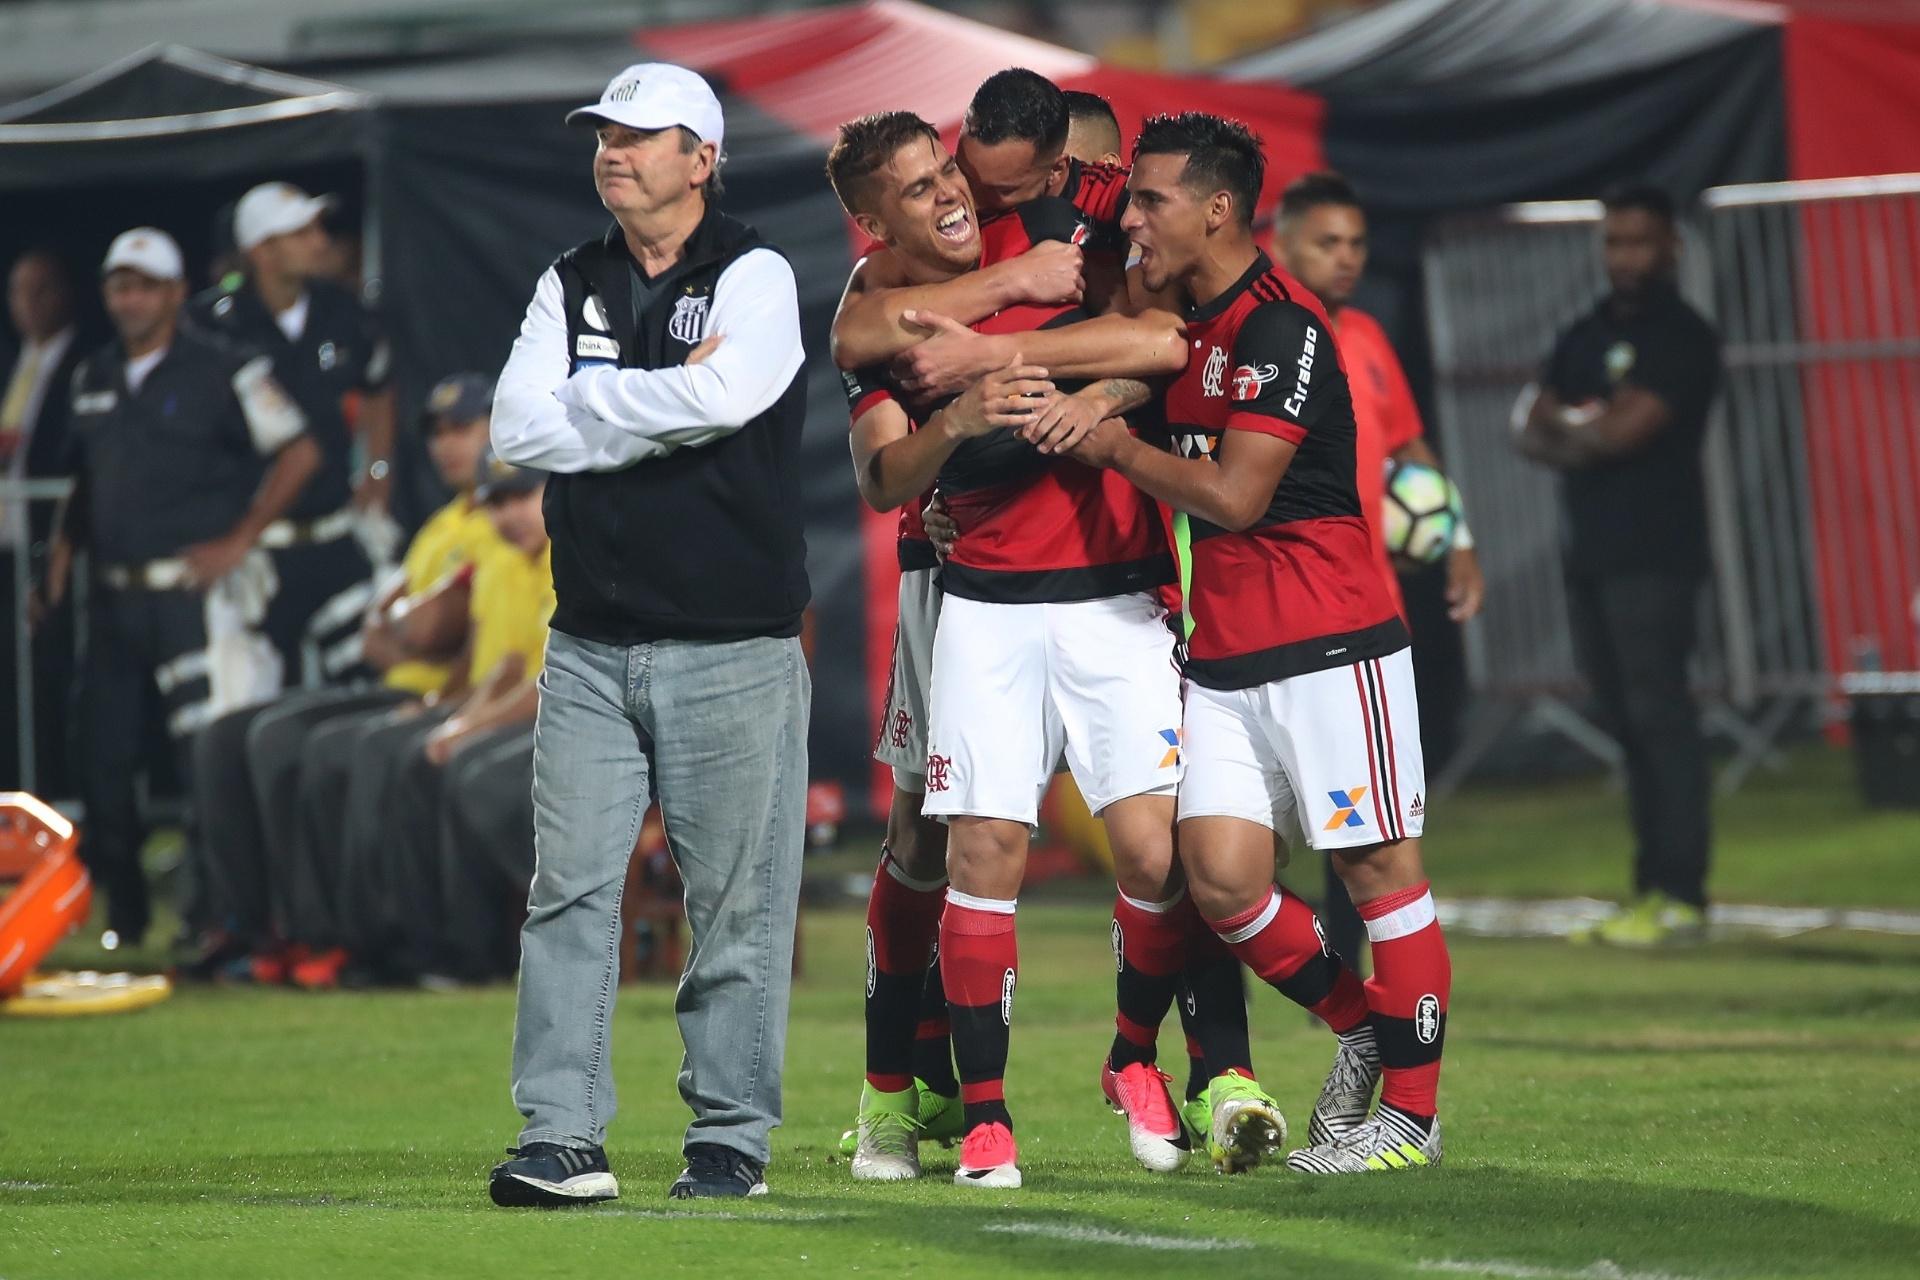 Santos e Flamengo expõem decisão entre técnico especialista e ameaçado -  Esporte - BOL 4da309183c3ac